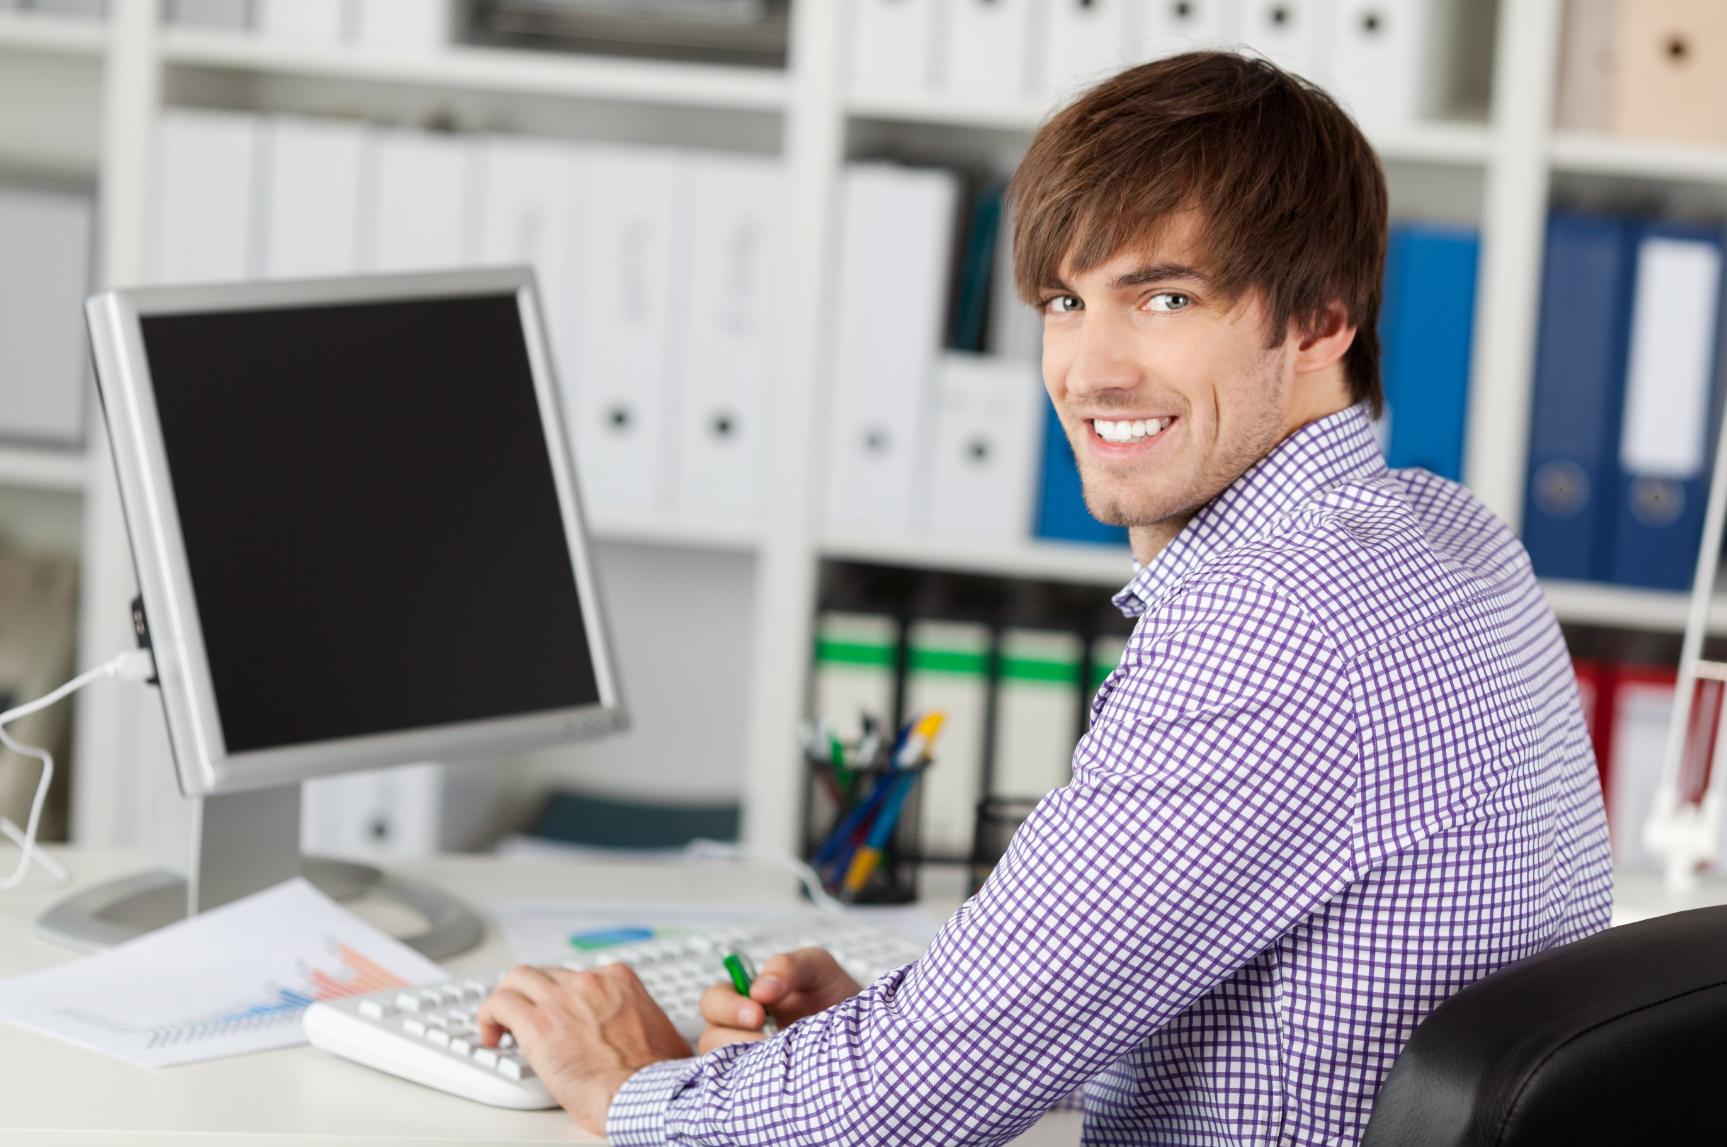 mobilpersonal GmbH Für Unternehmer / Master-Vendor Onsite-Mangement